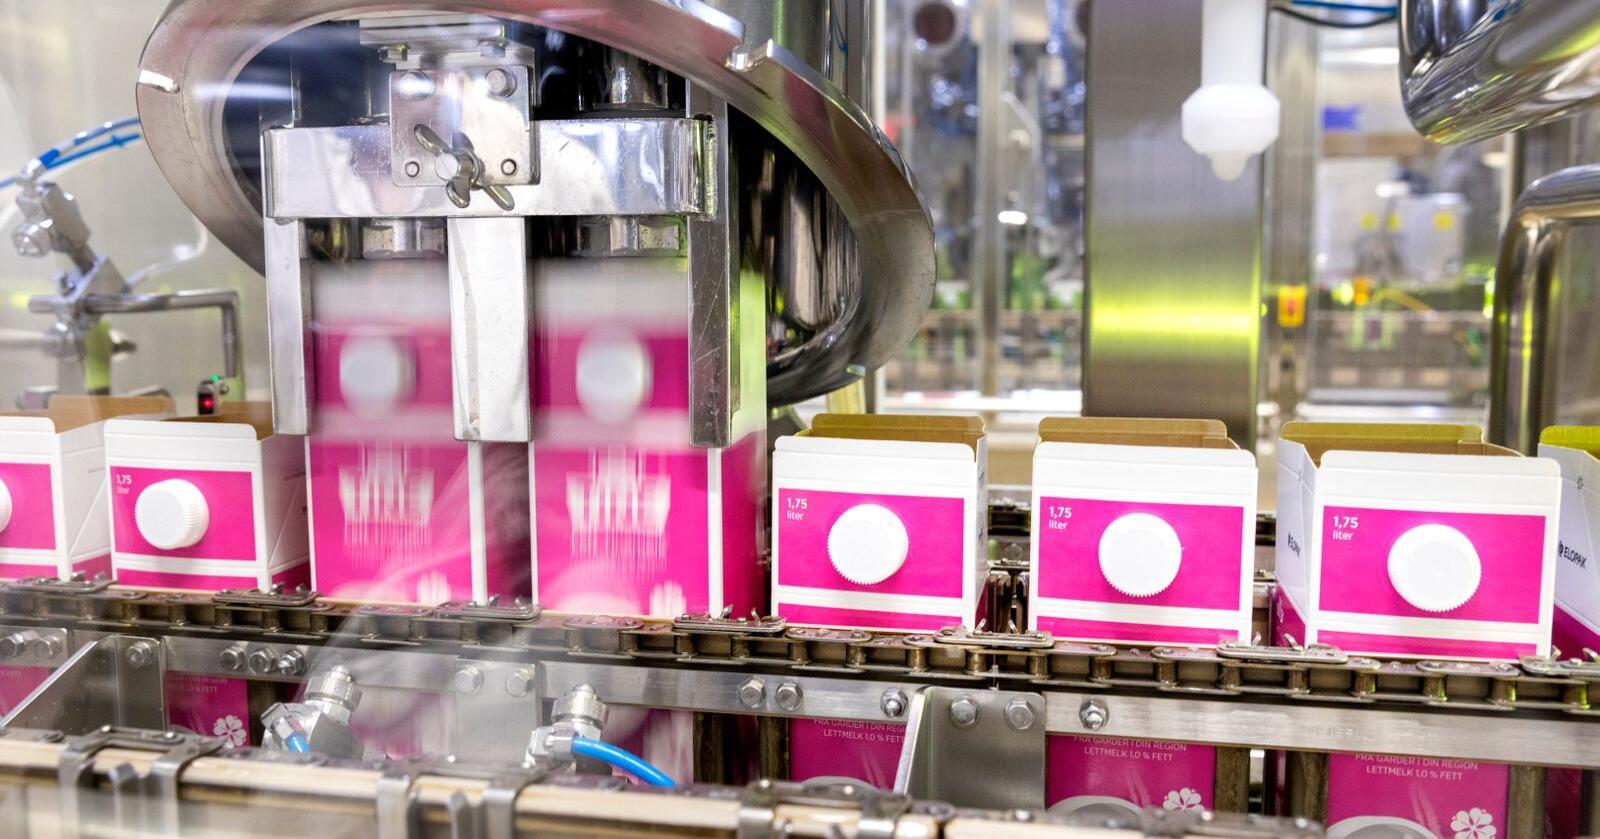 Tine må produsere mer melk enn vanlig. Foto: Gorm Kallestad / NTB scanpix